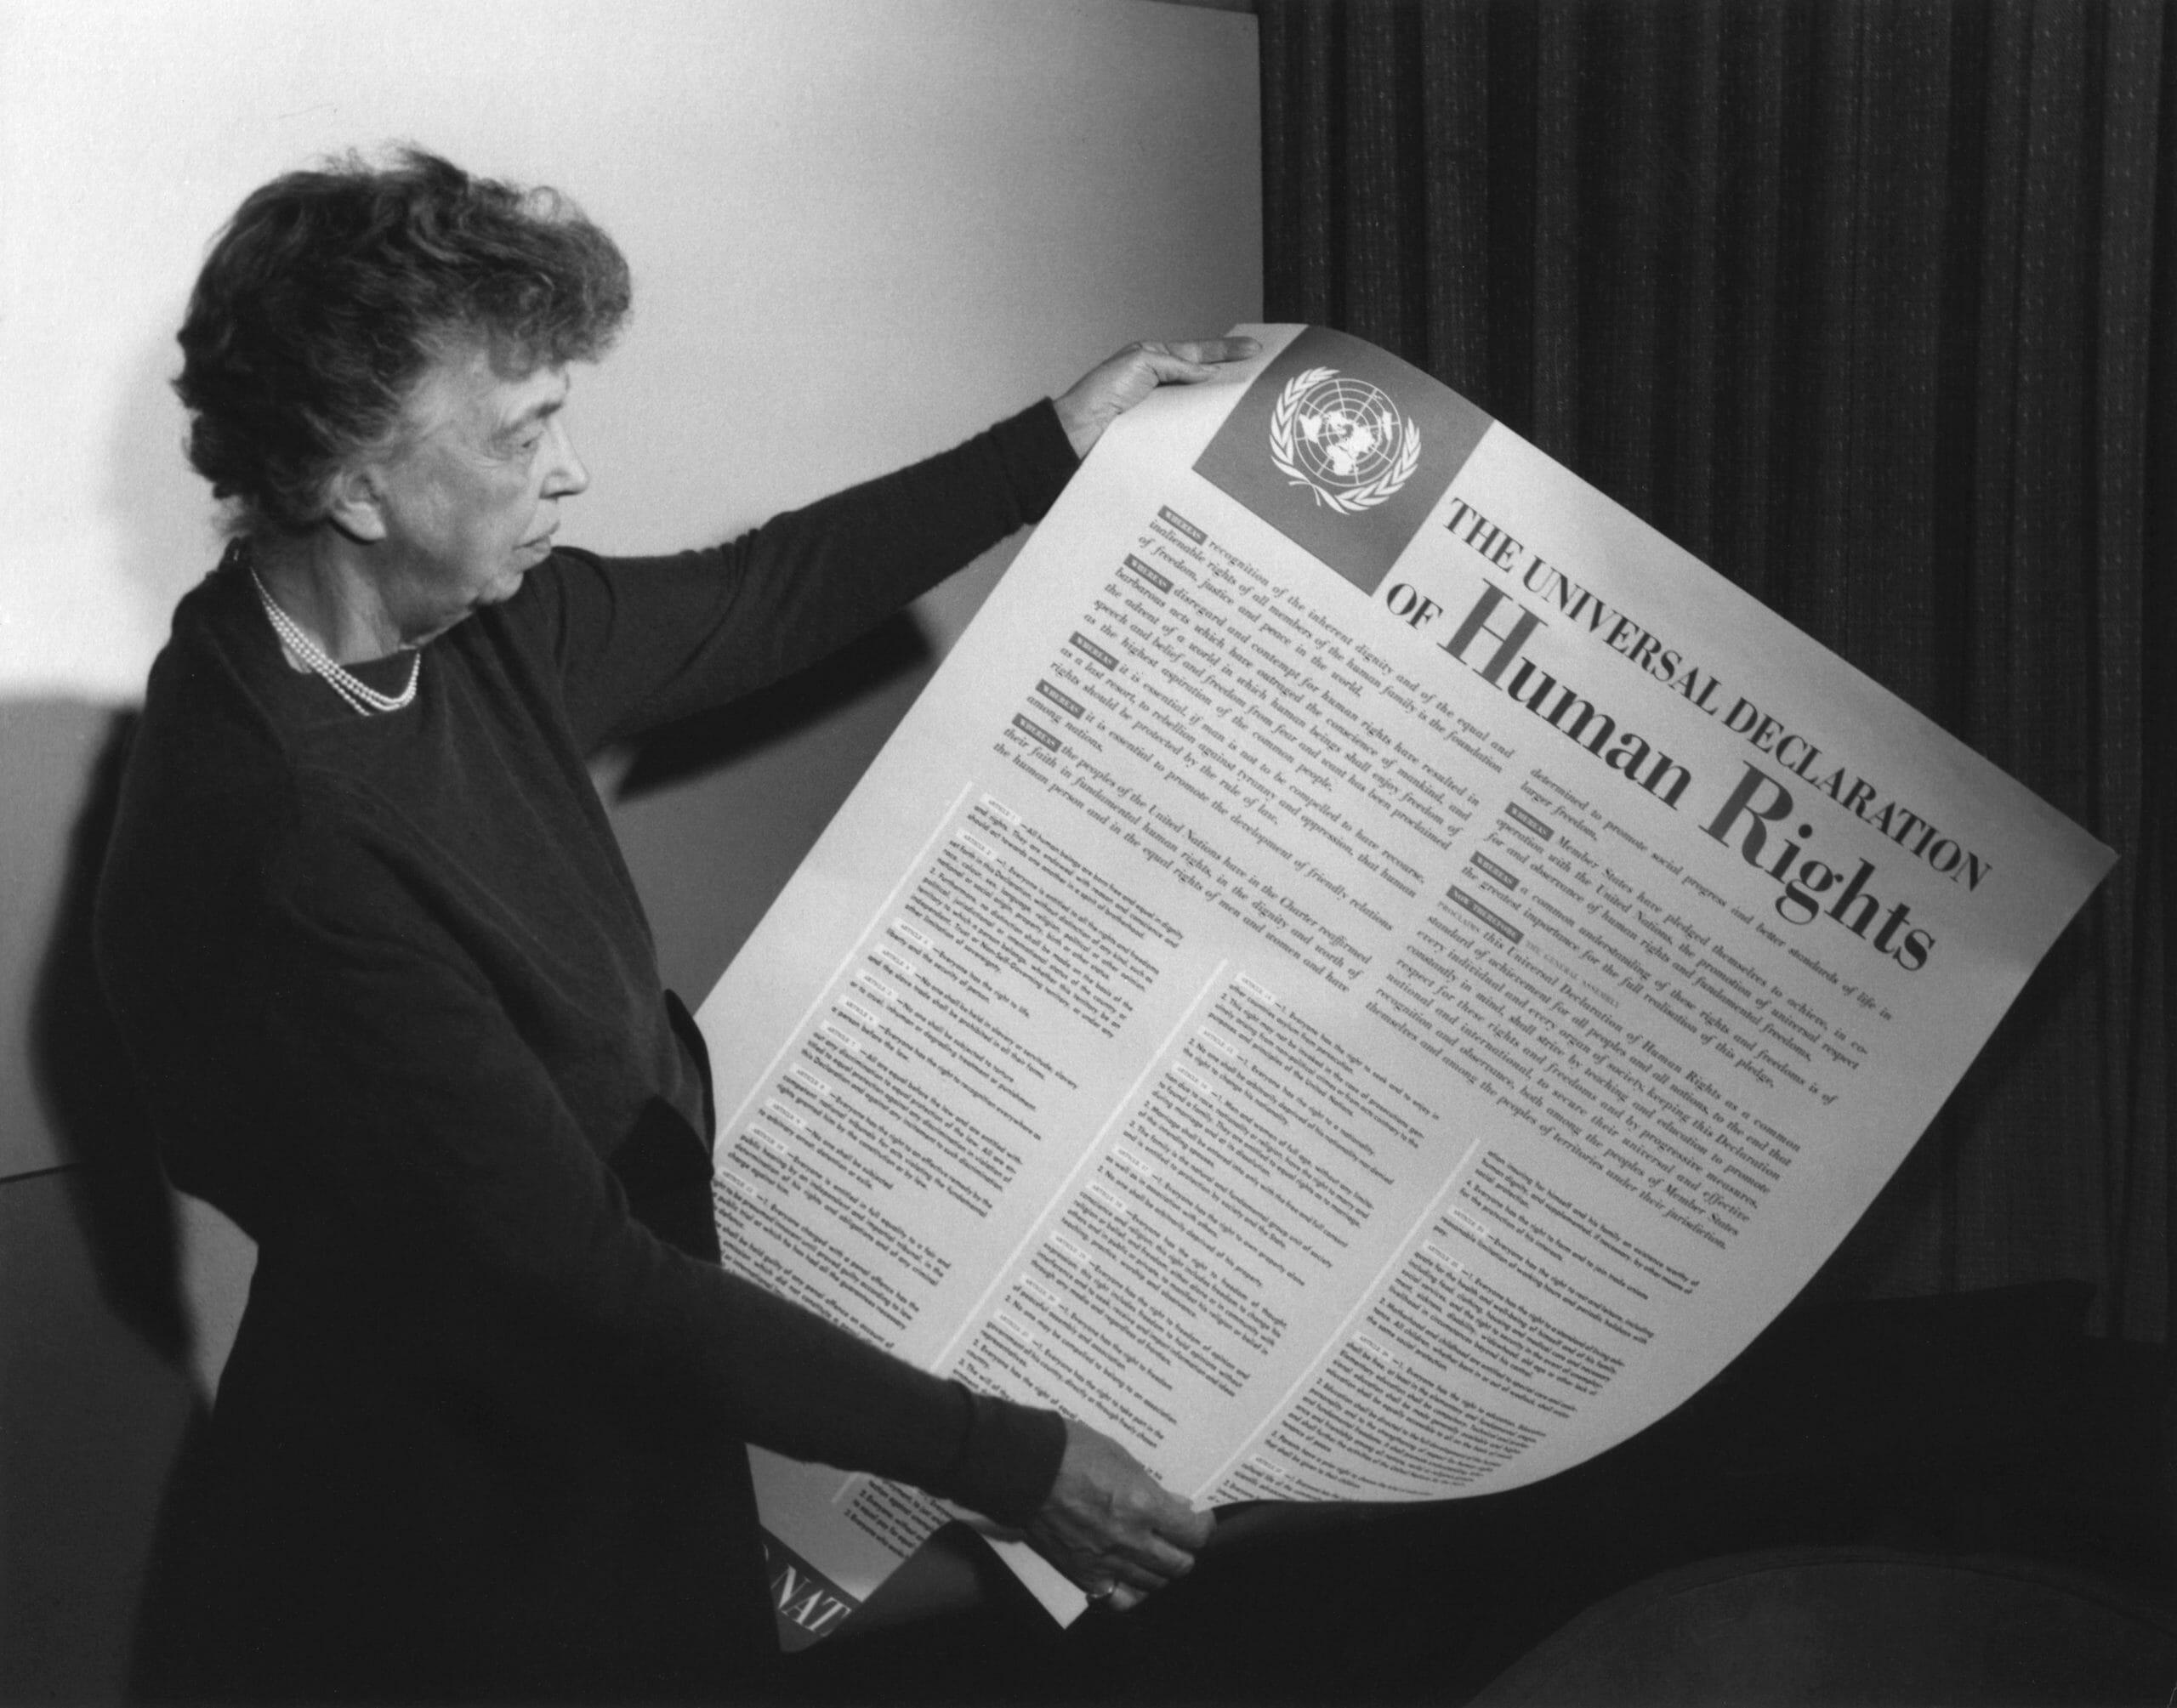 Sådan gennemsyrer menneskerettighederne din hverdag